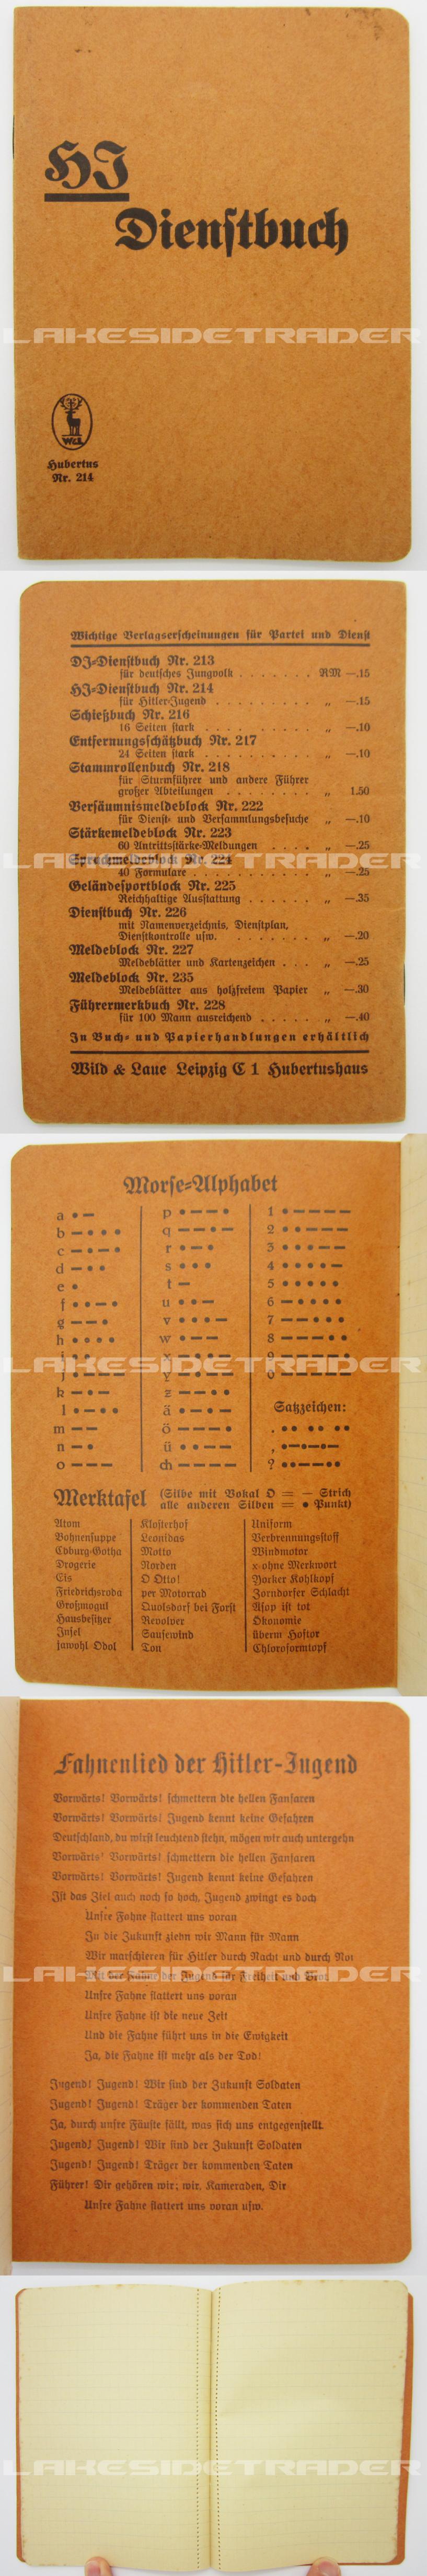 Hitler Youth Dienstbuch (Service Book)